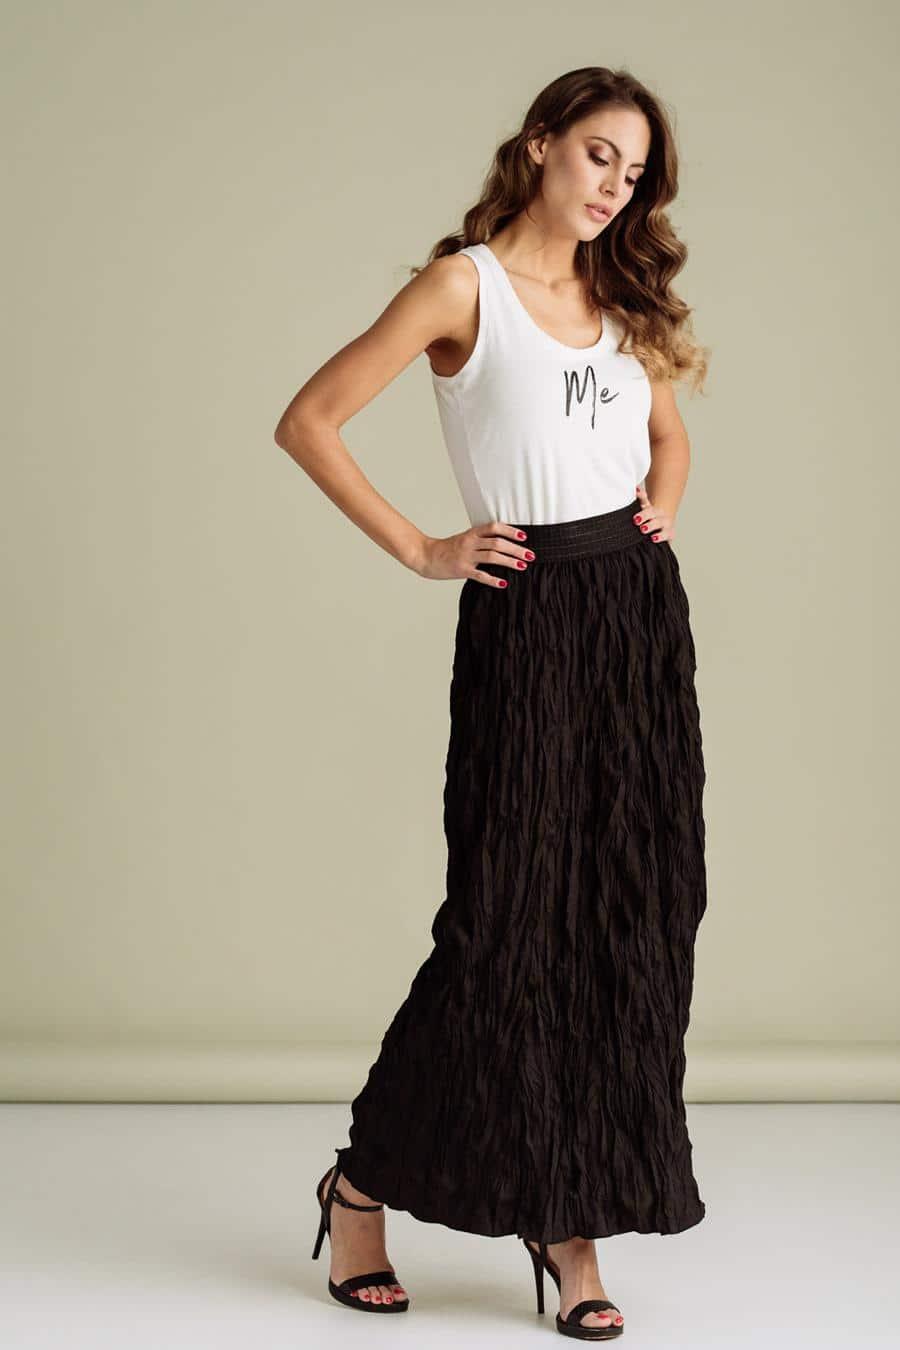 Jagger Zenska Suknja Kolekcija Prolece Leto Ss2021 Kupi Online Jg 5492 01 1 New